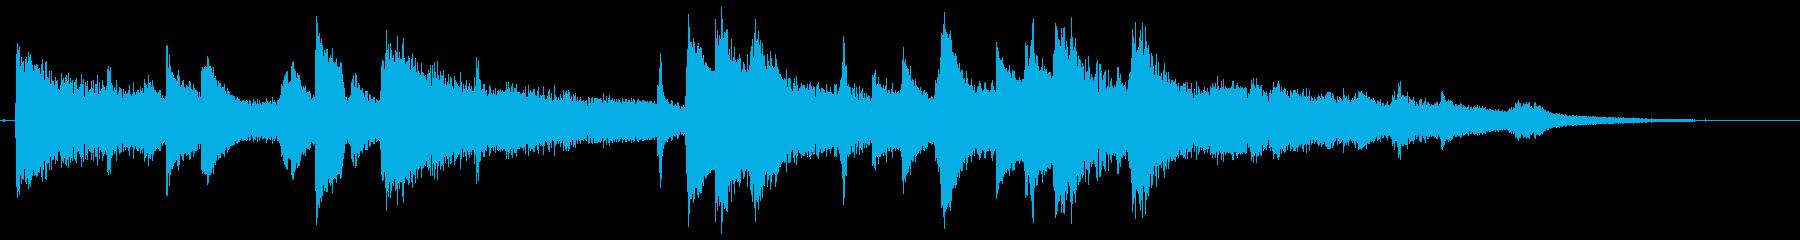 ムーディーなジャズピアノのジングルの再生済みの波形